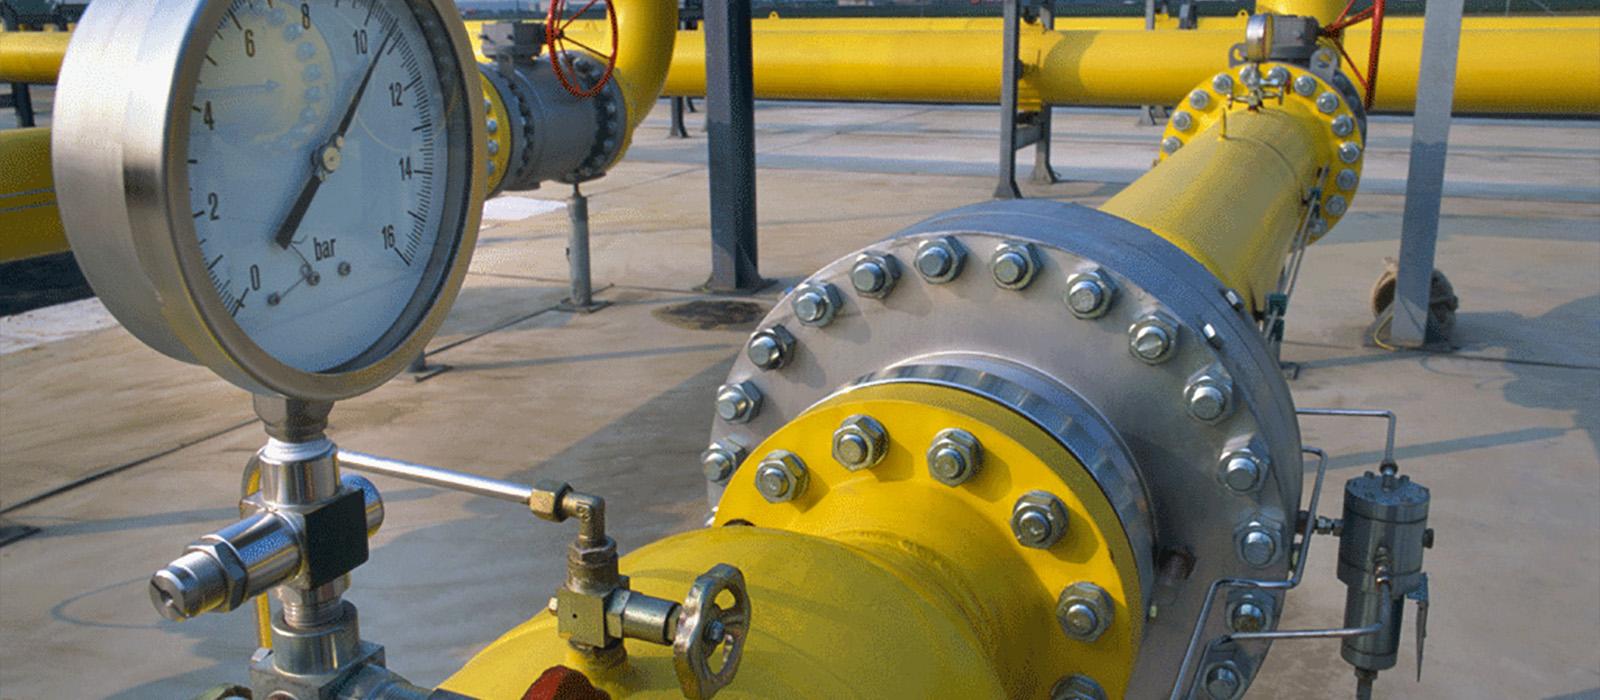 Gas Piping & Plumbing